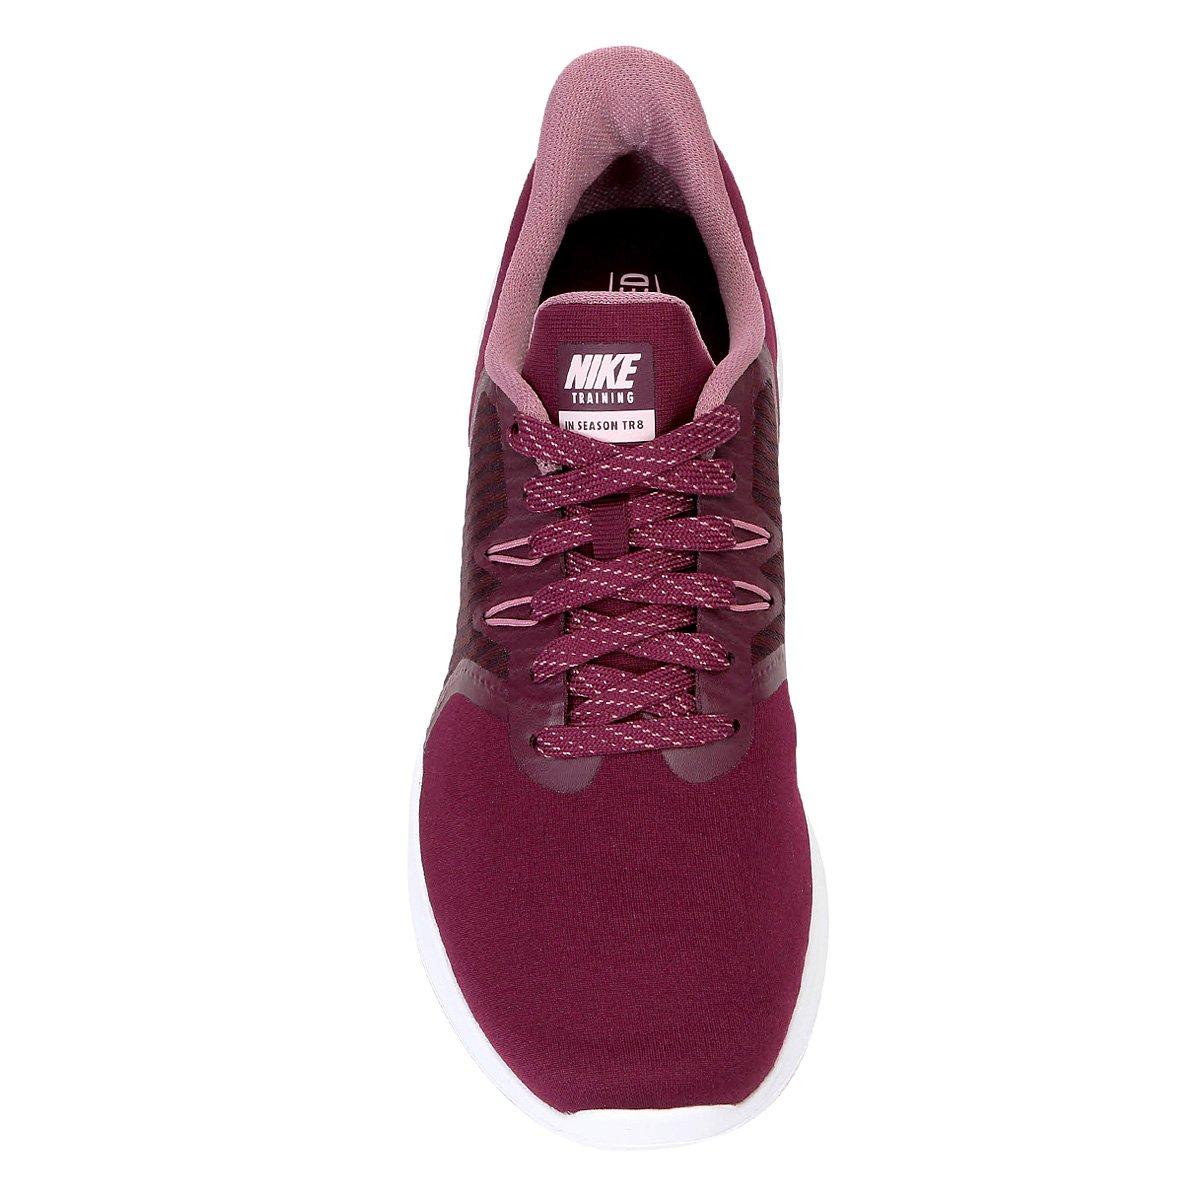 912f14e826 Tênis Nike In-Season Tr 8 Feminino - Vinho e Rosa - Compre Agora ...